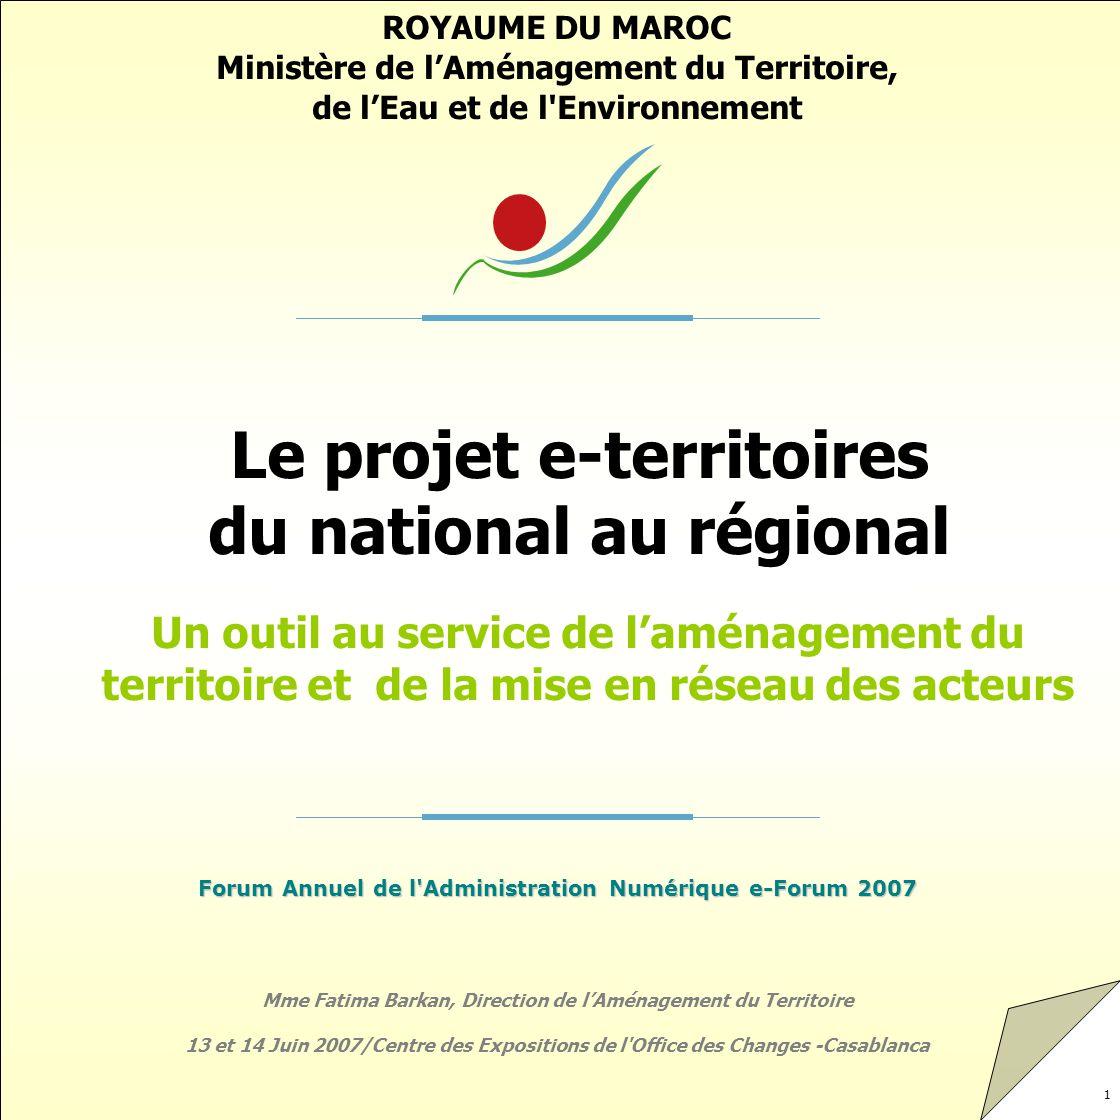 Le projet e-territoires du national au régional